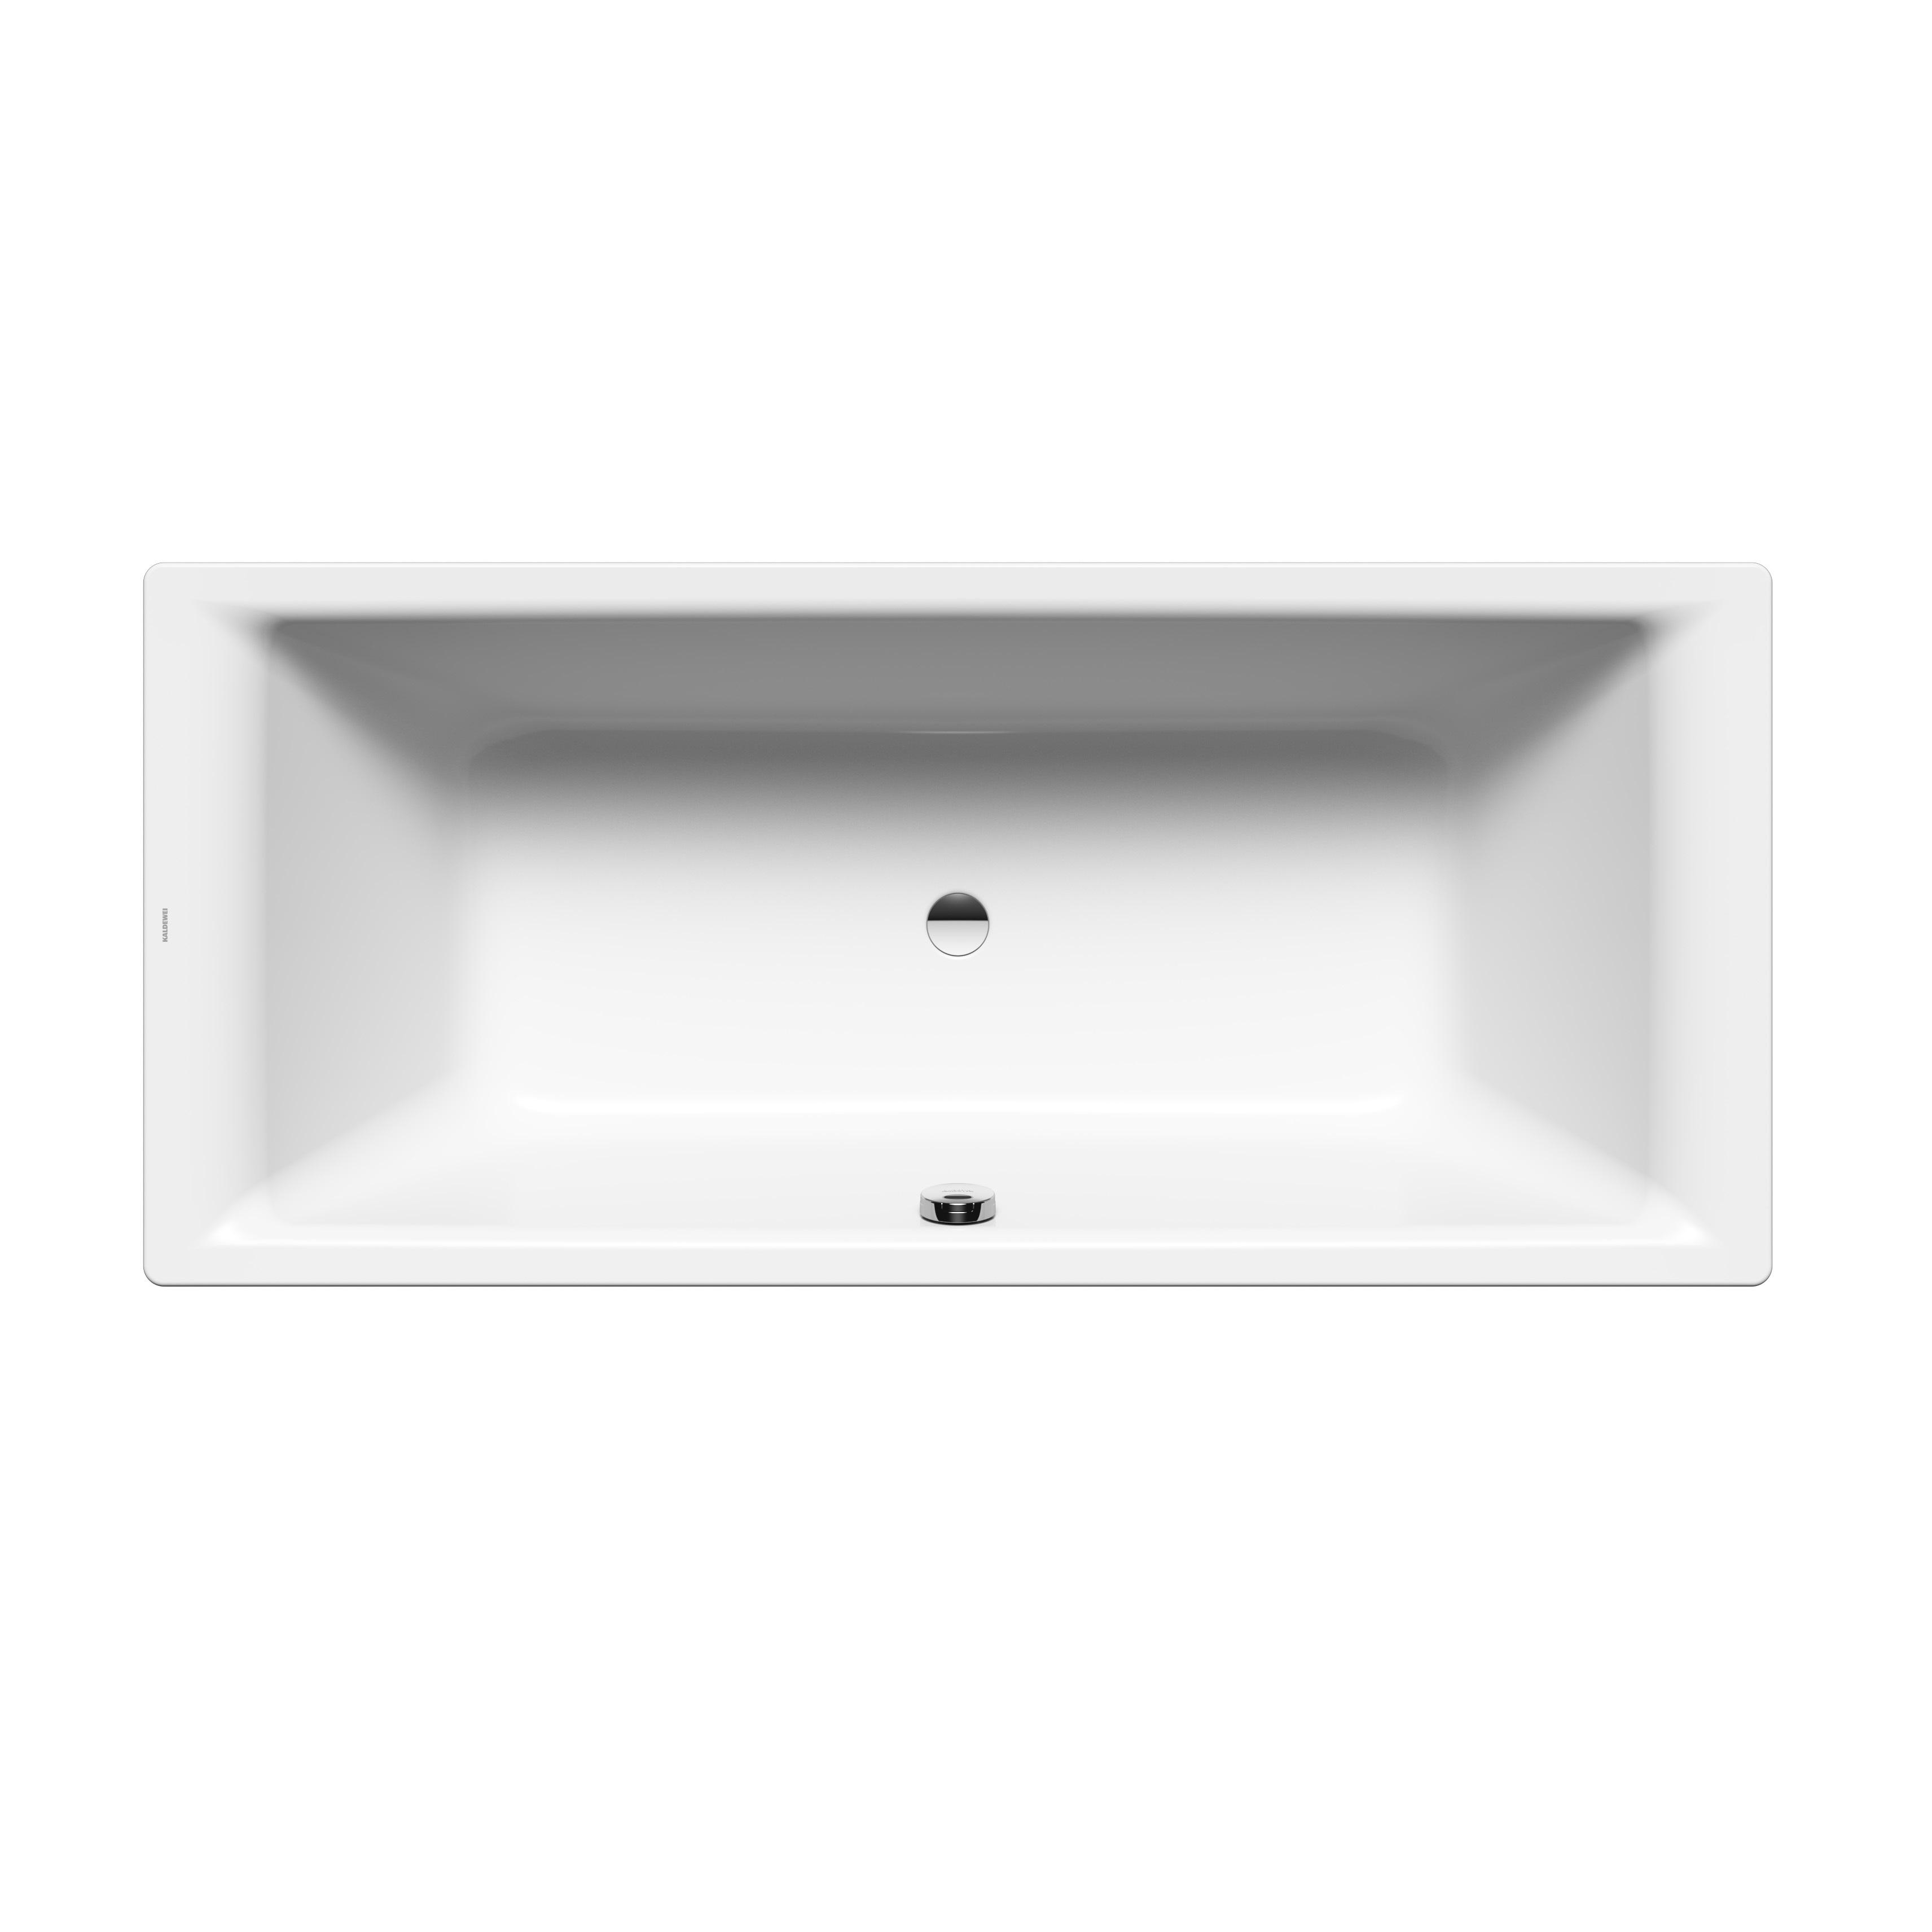 Stahl Badewanne Puro Duo 20 x 20 cm weiß